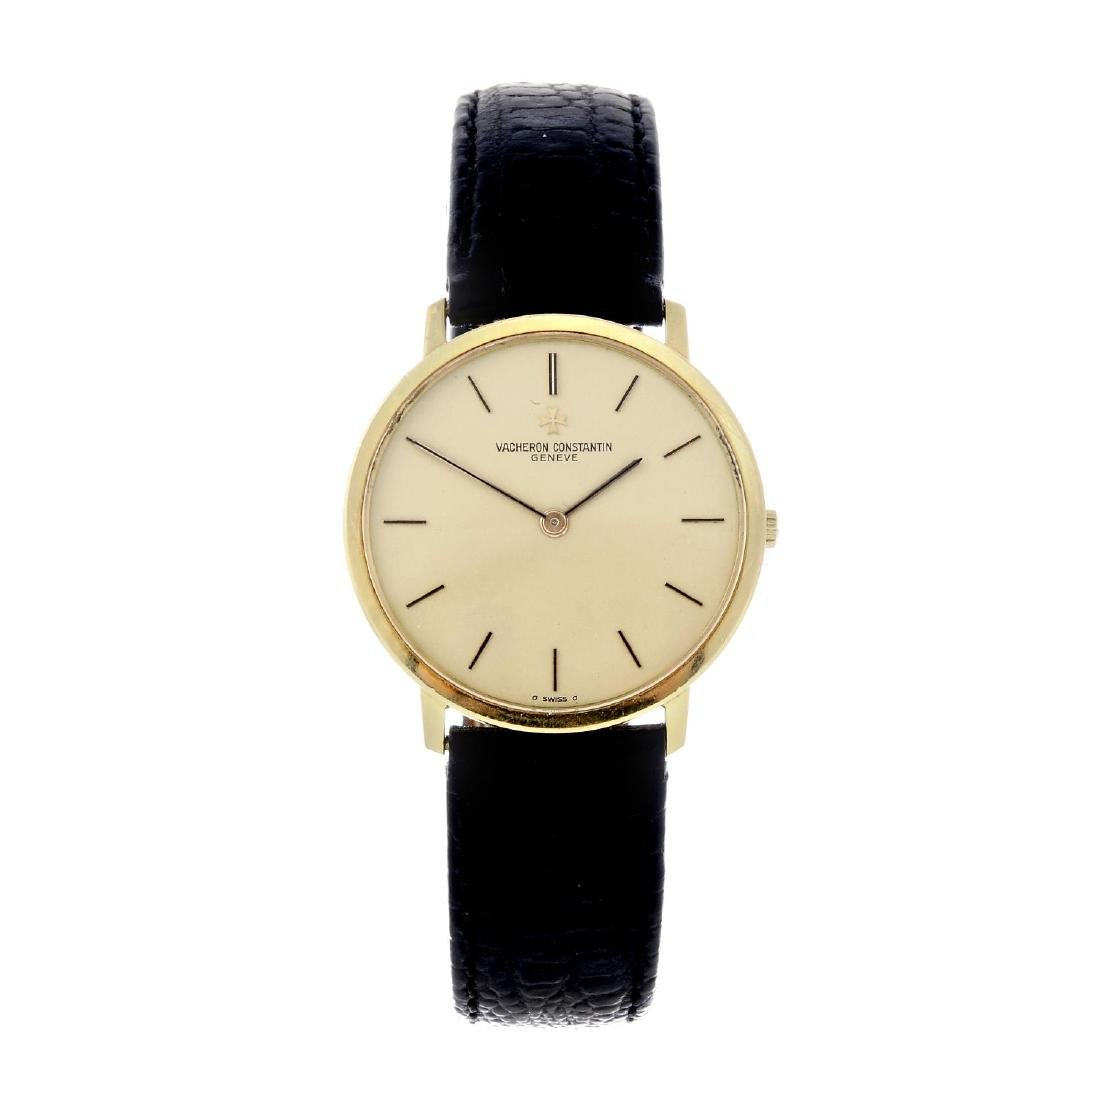 VACHERON CONSTANTIN - a gentleman's wrist watch. Yellow